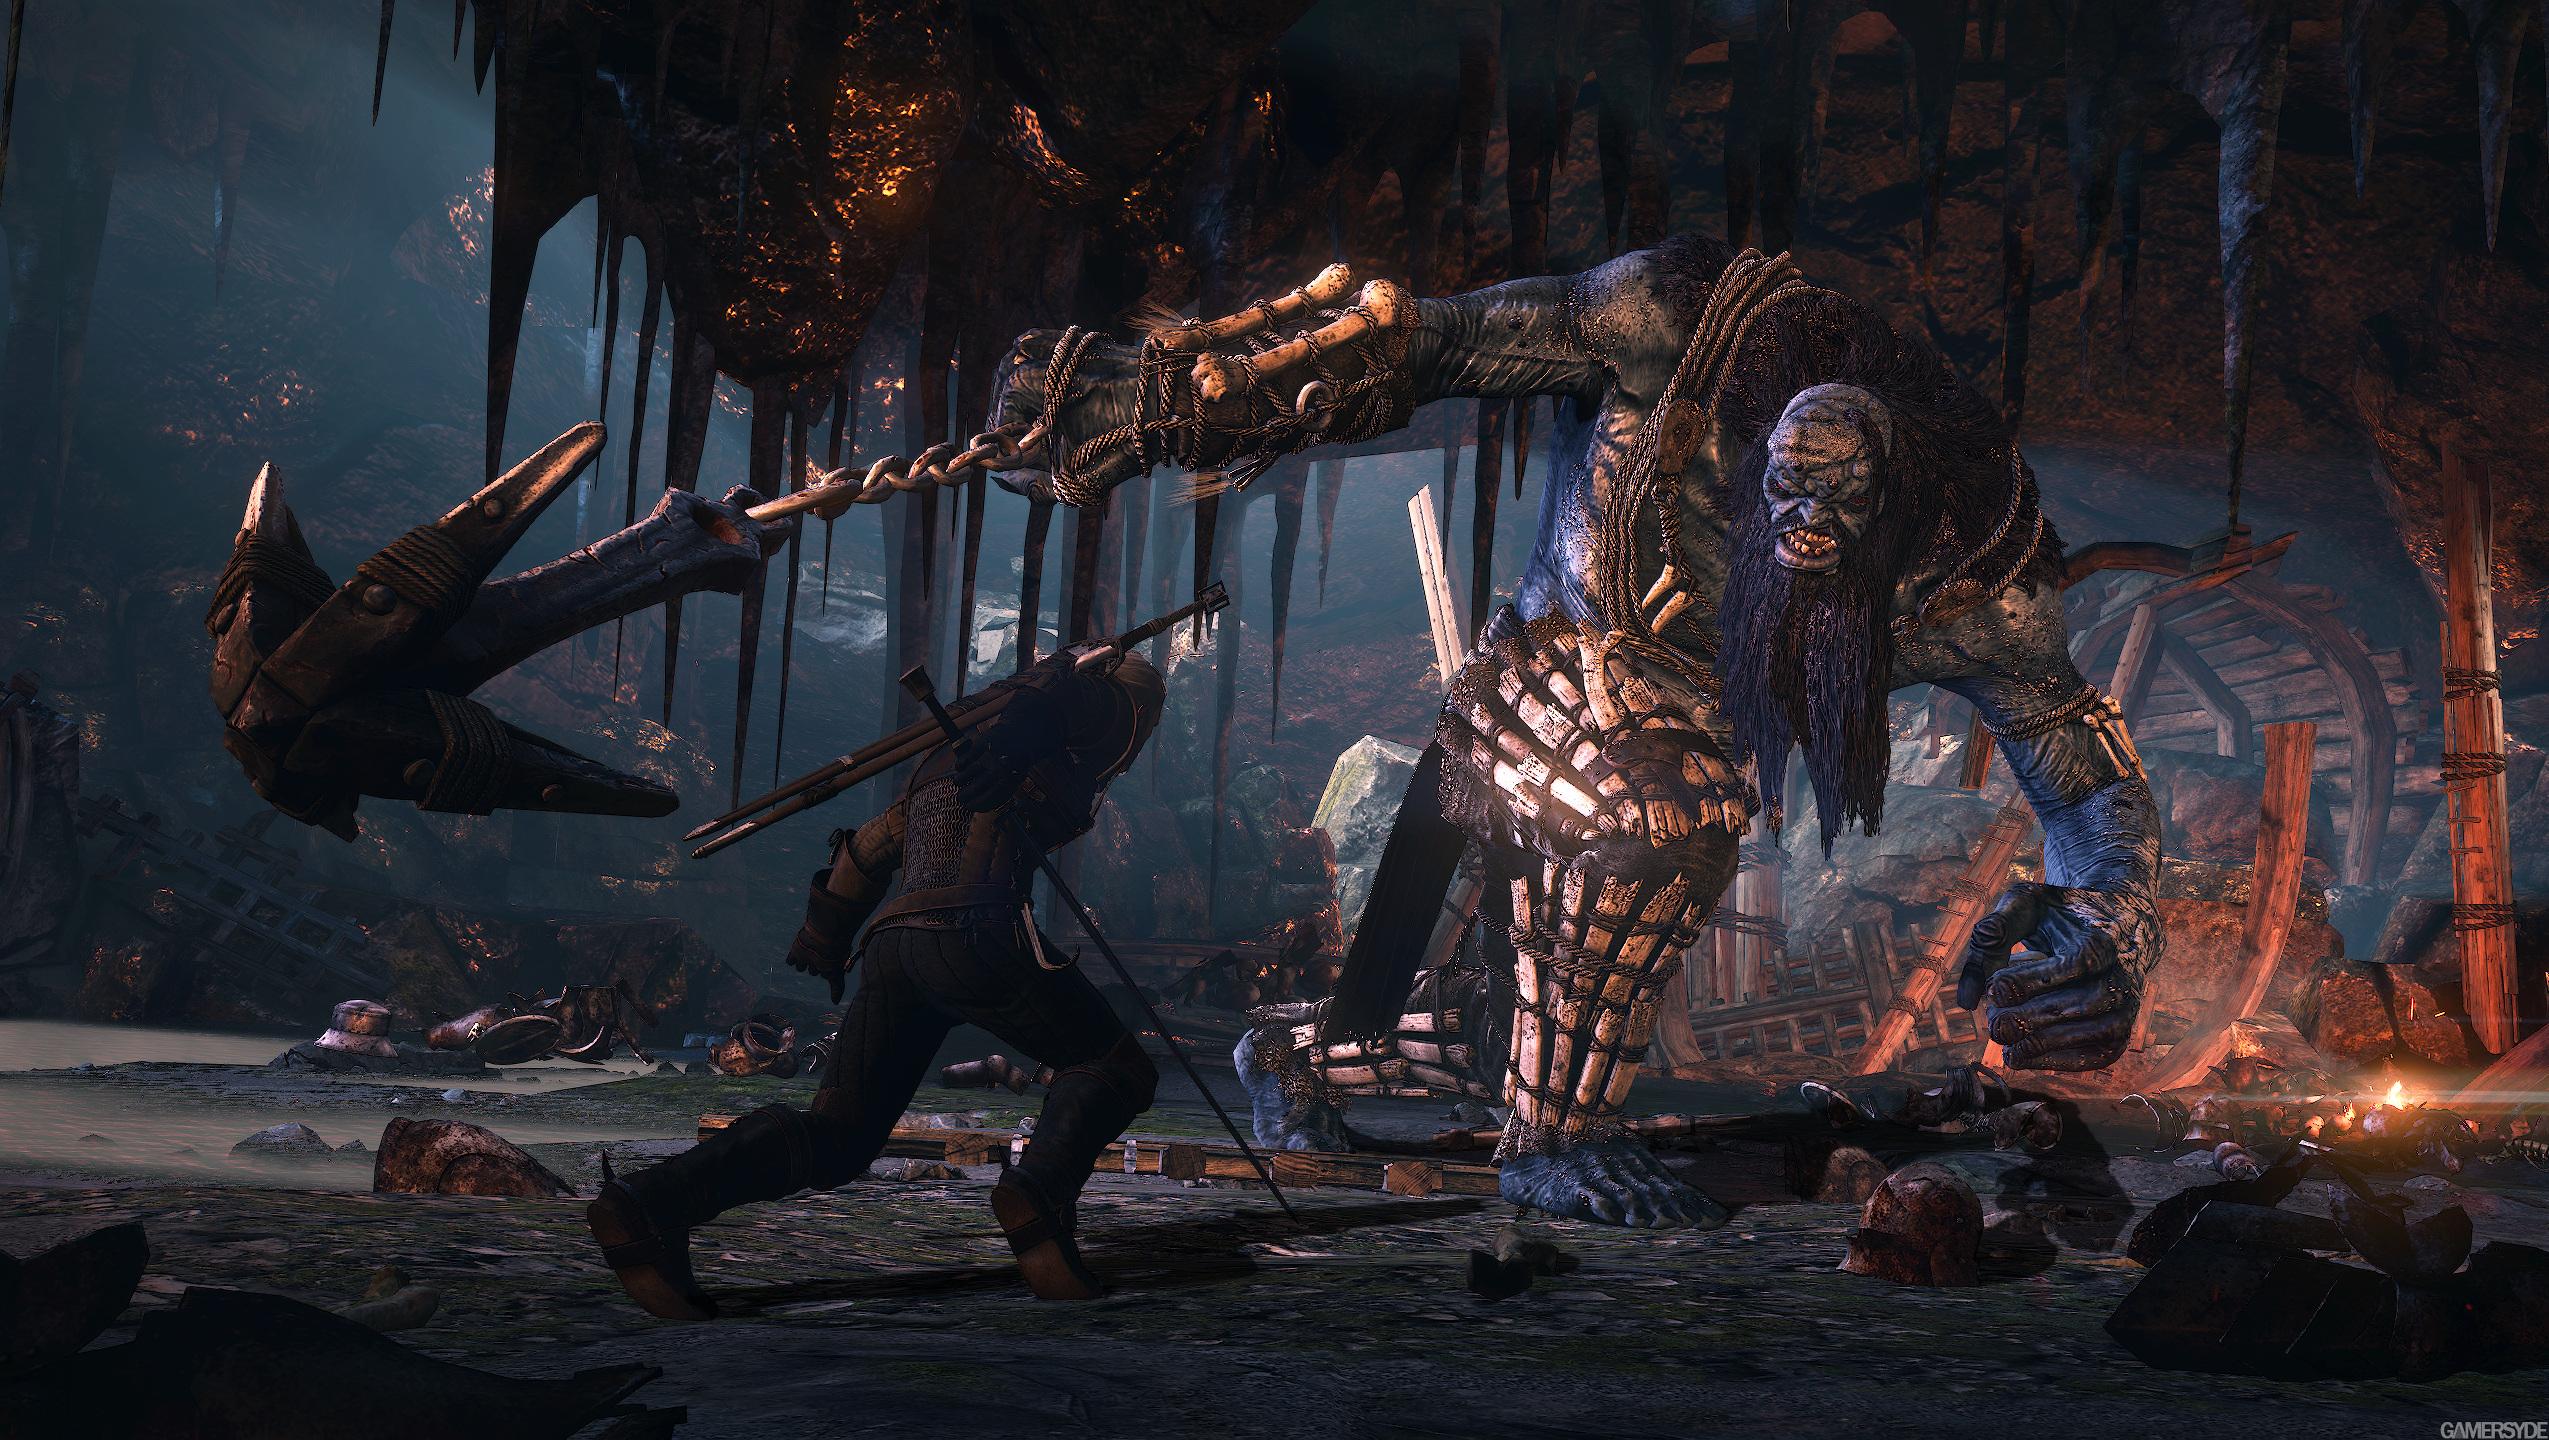 Witcher 3 Gameplay Details.